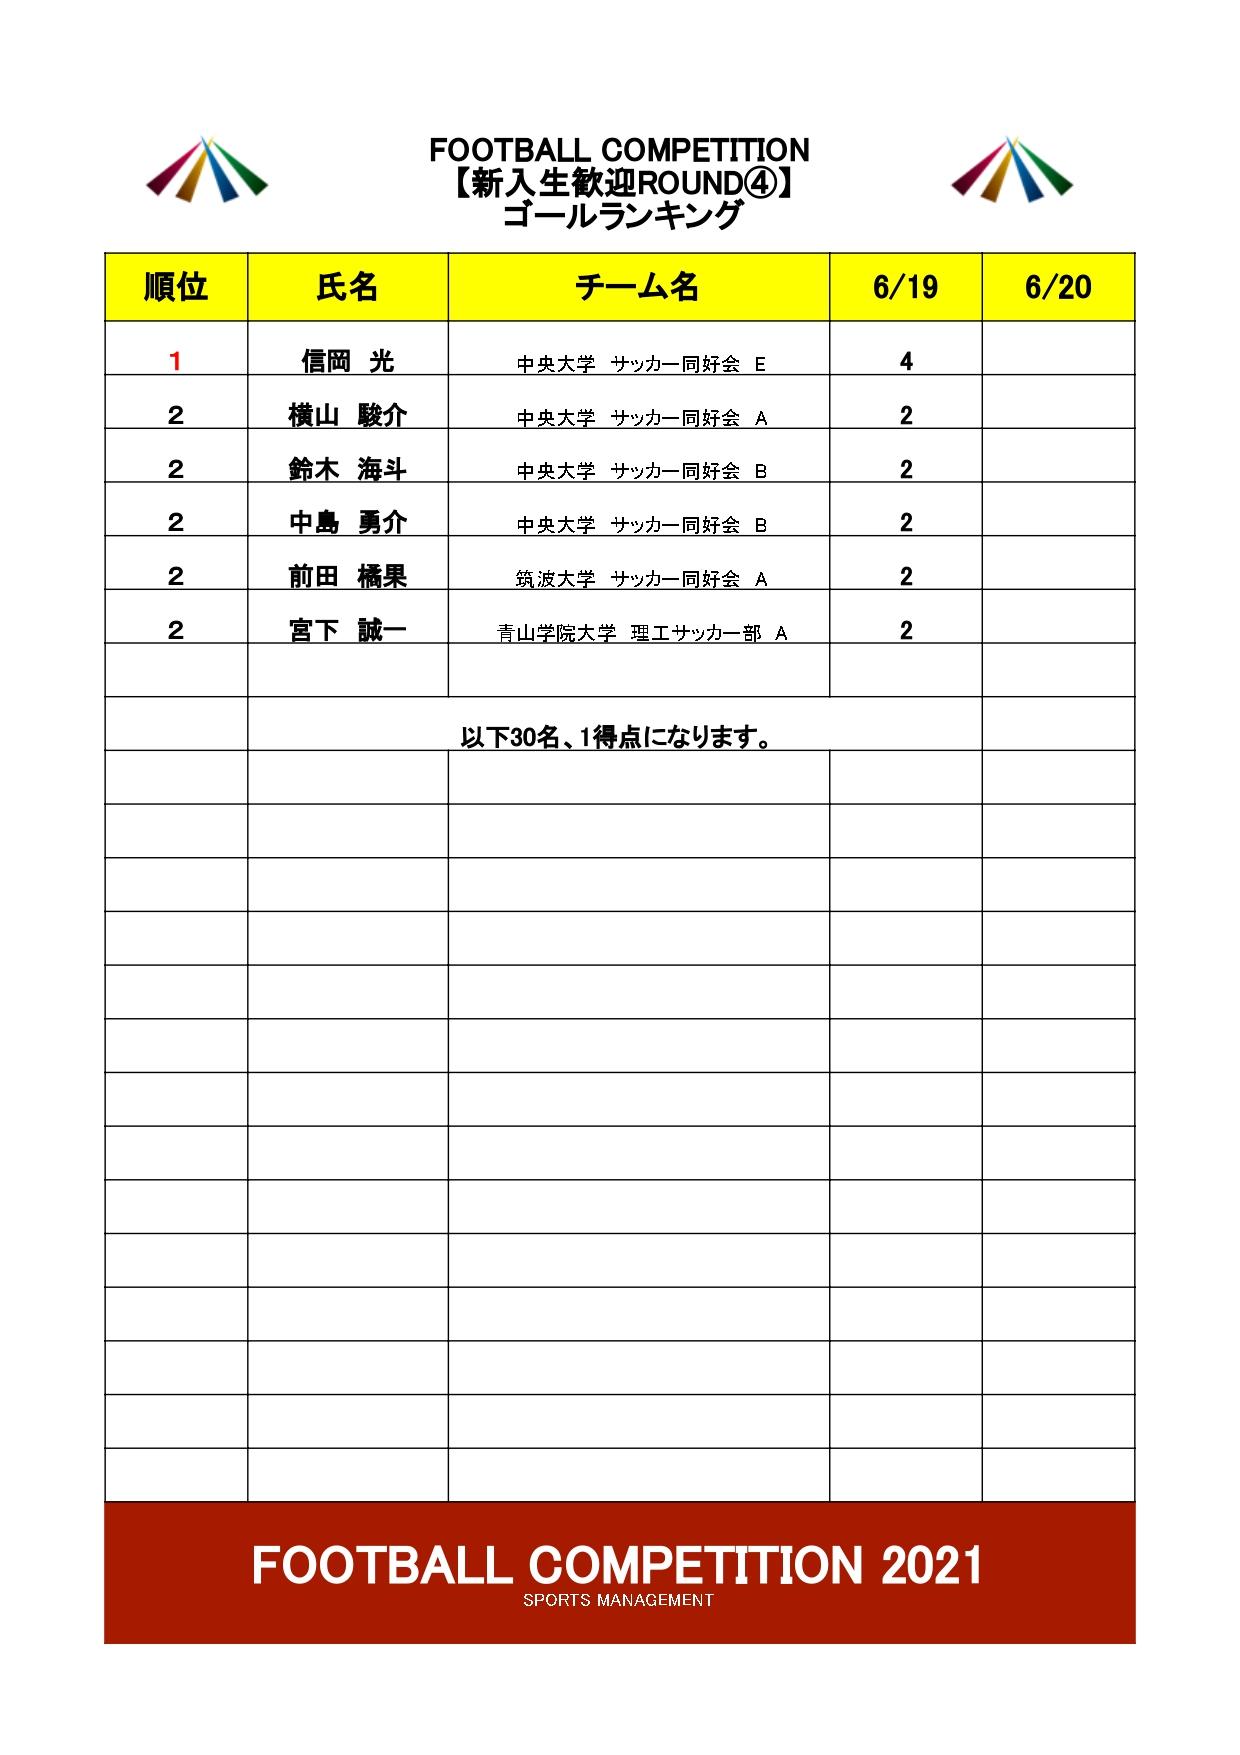 2021/6/19(土)~20(日) FOOTBALL COMPETITION 2021【新入生歓迎ROUND④】波崎 トーナメント表